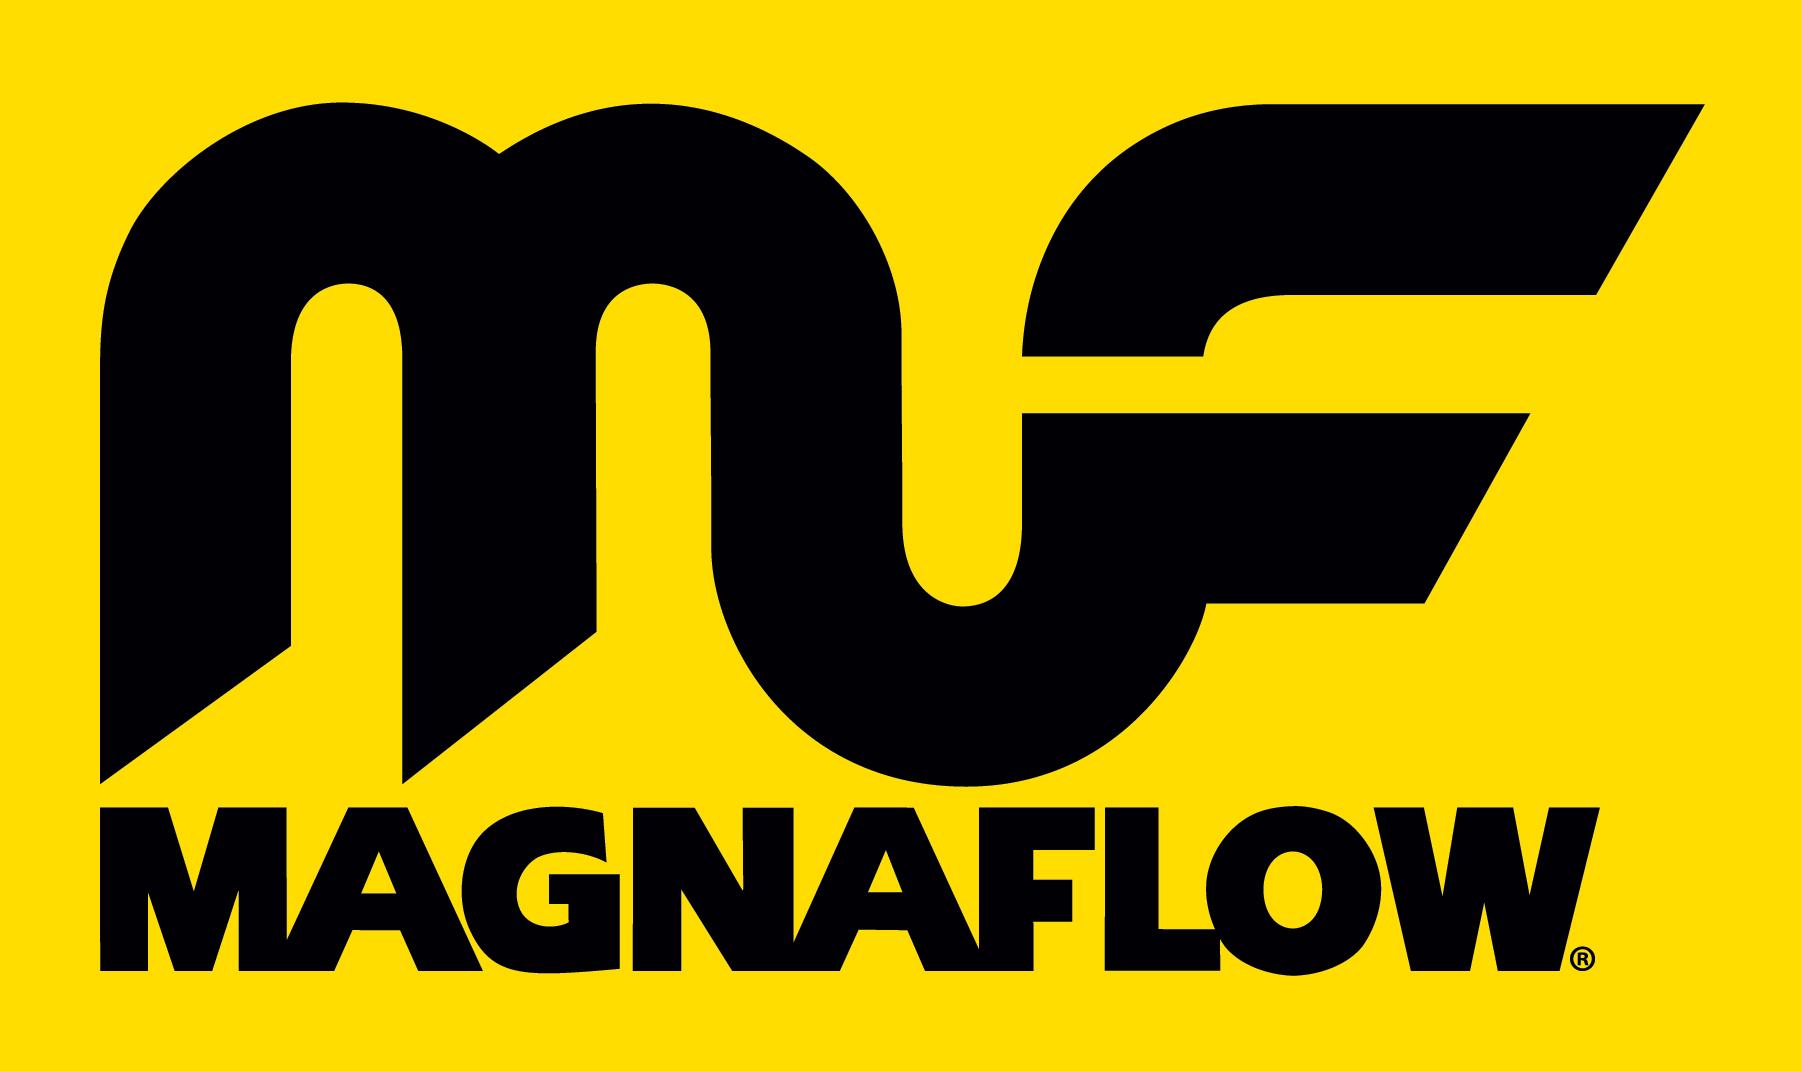 mf_magnaflow_lg.png